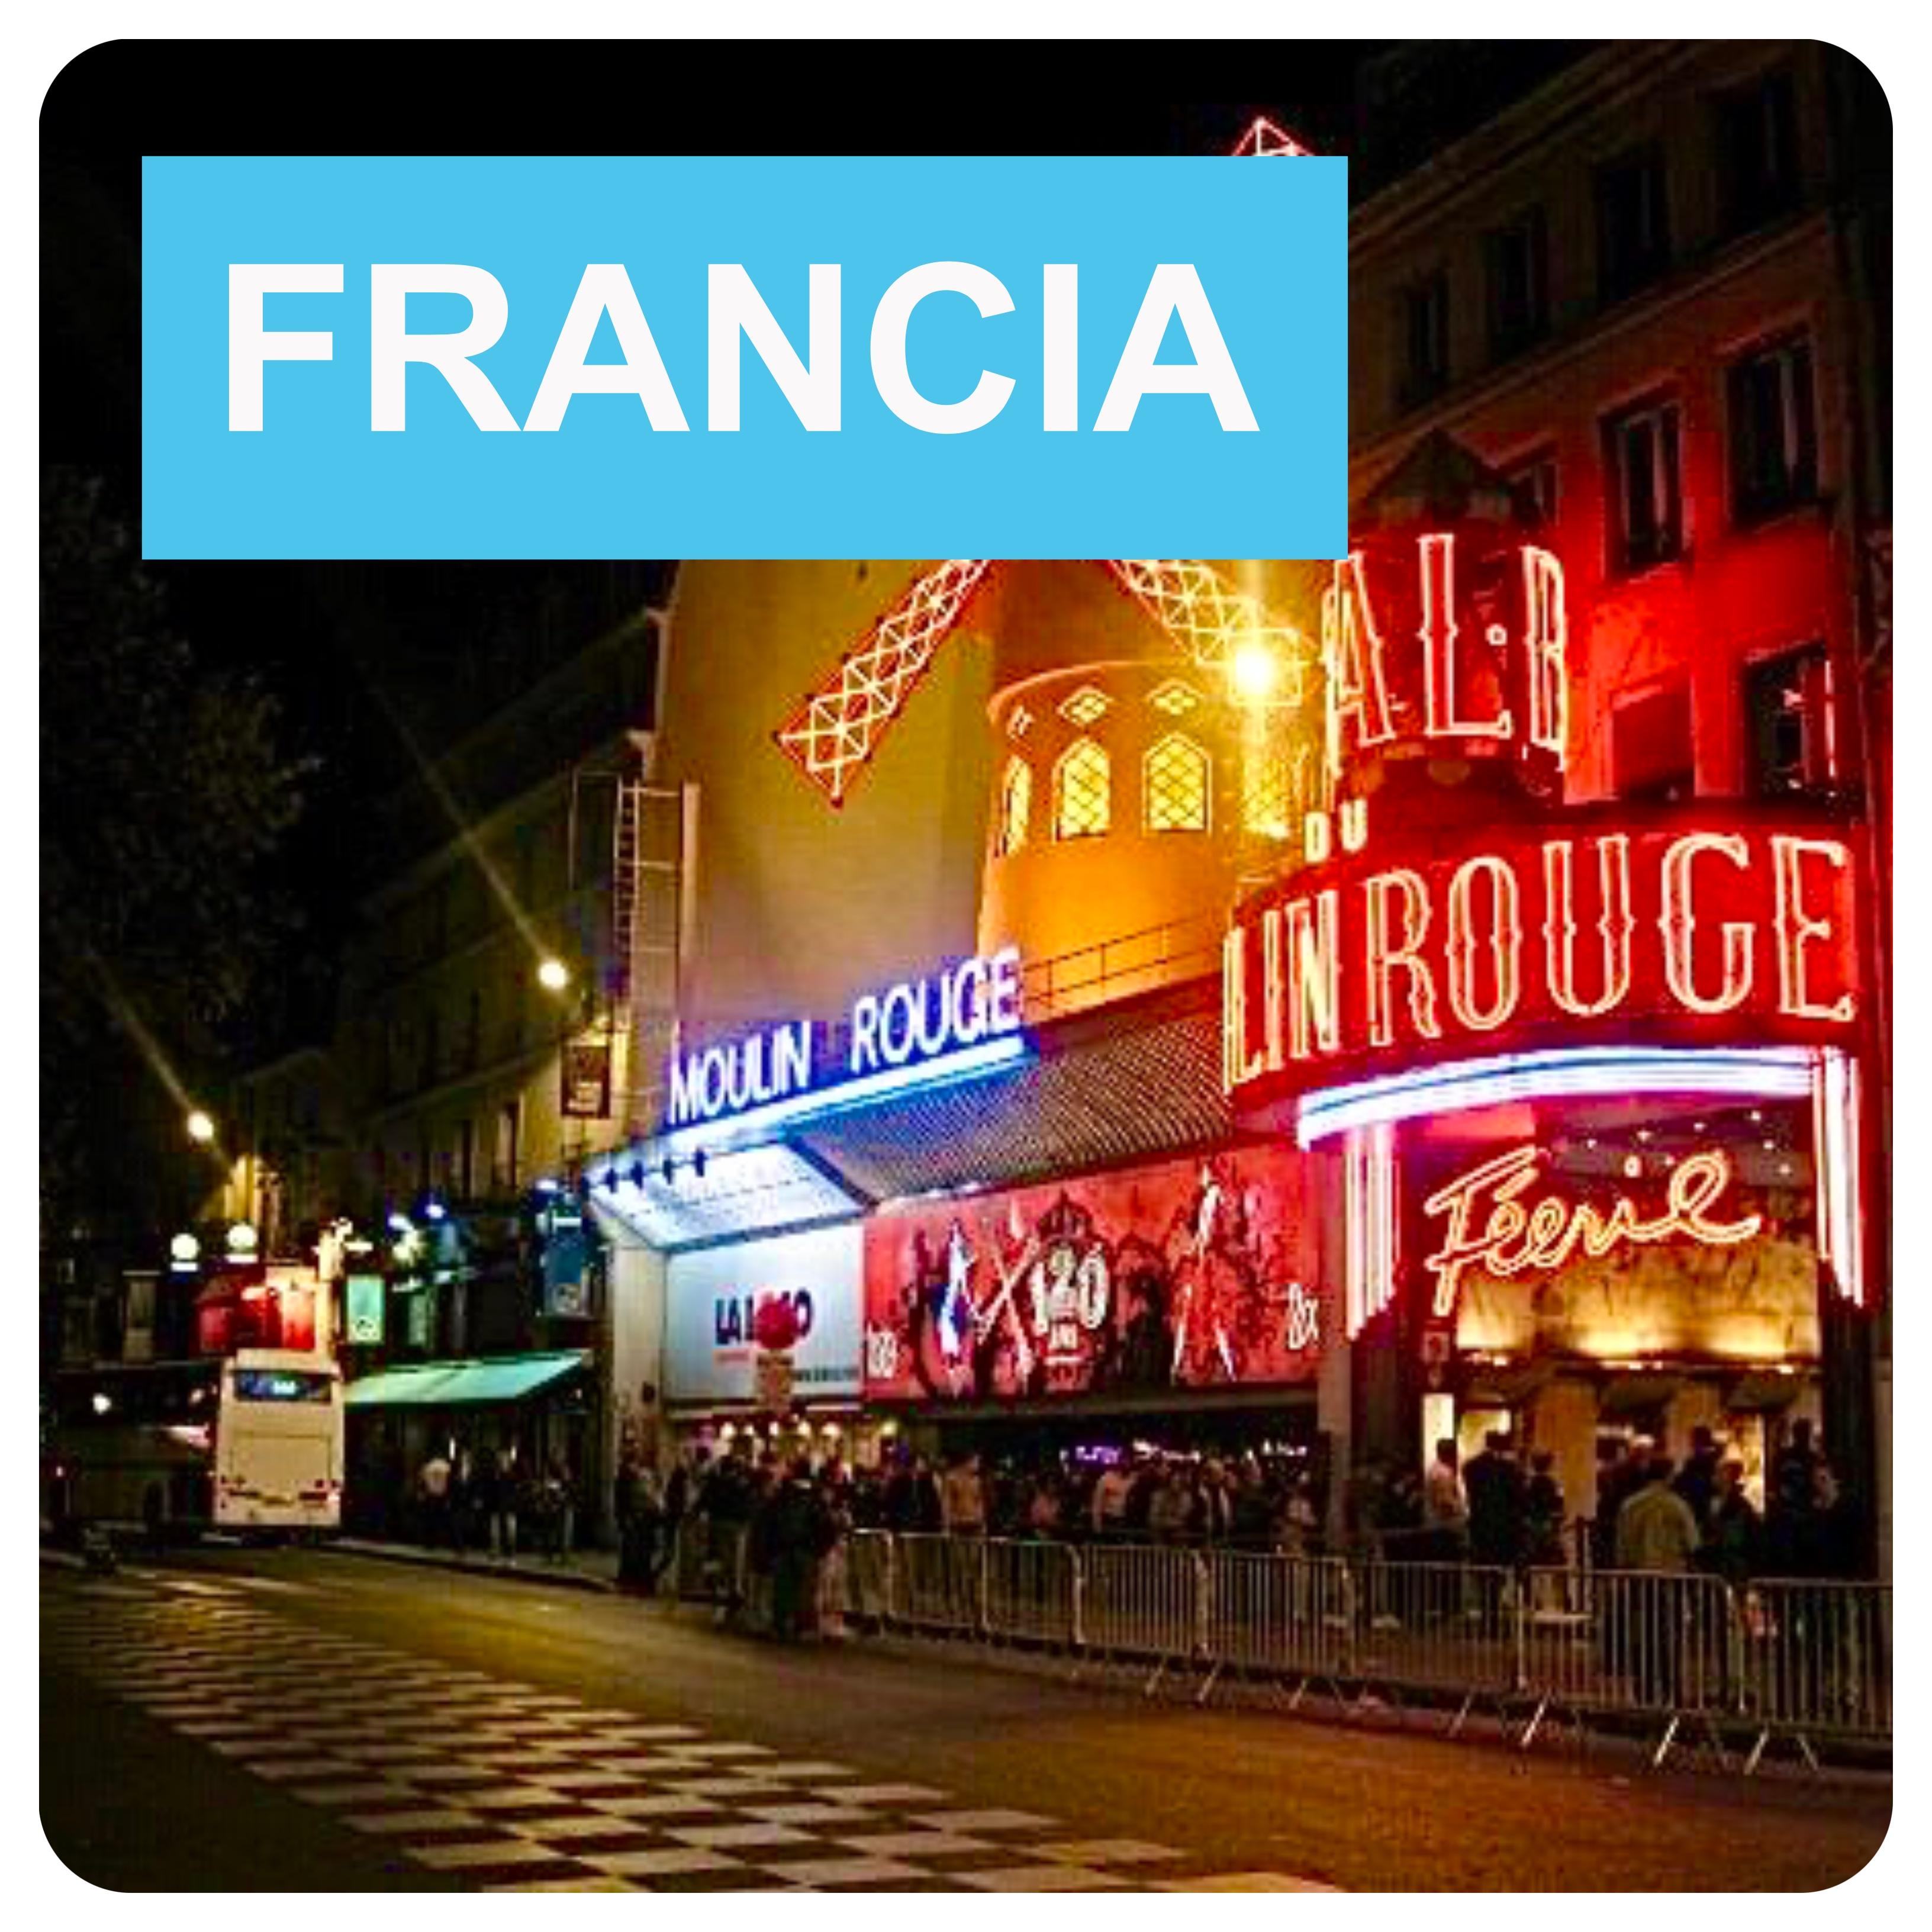 Noleggio auto francia senza carta di credito